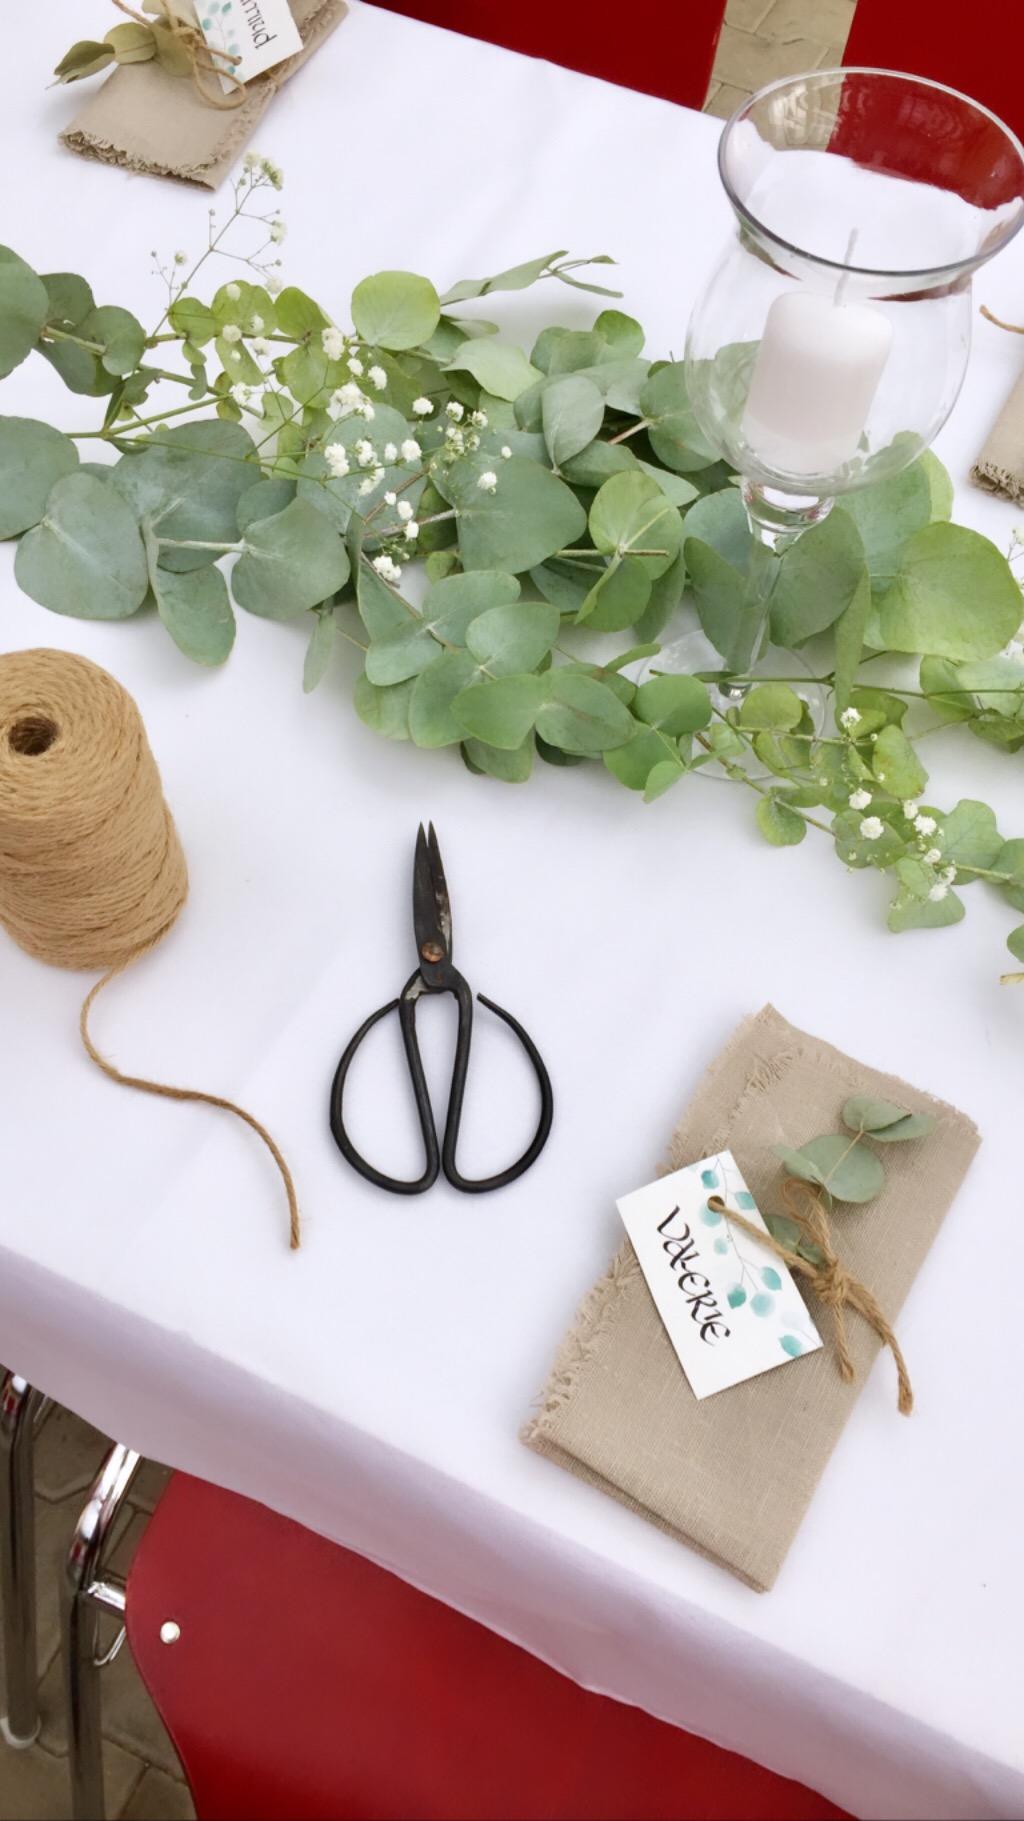 Hochzeit: Tischdeko mit Eukalyptus und Schleierkraut – einfach & günstig selber machen!